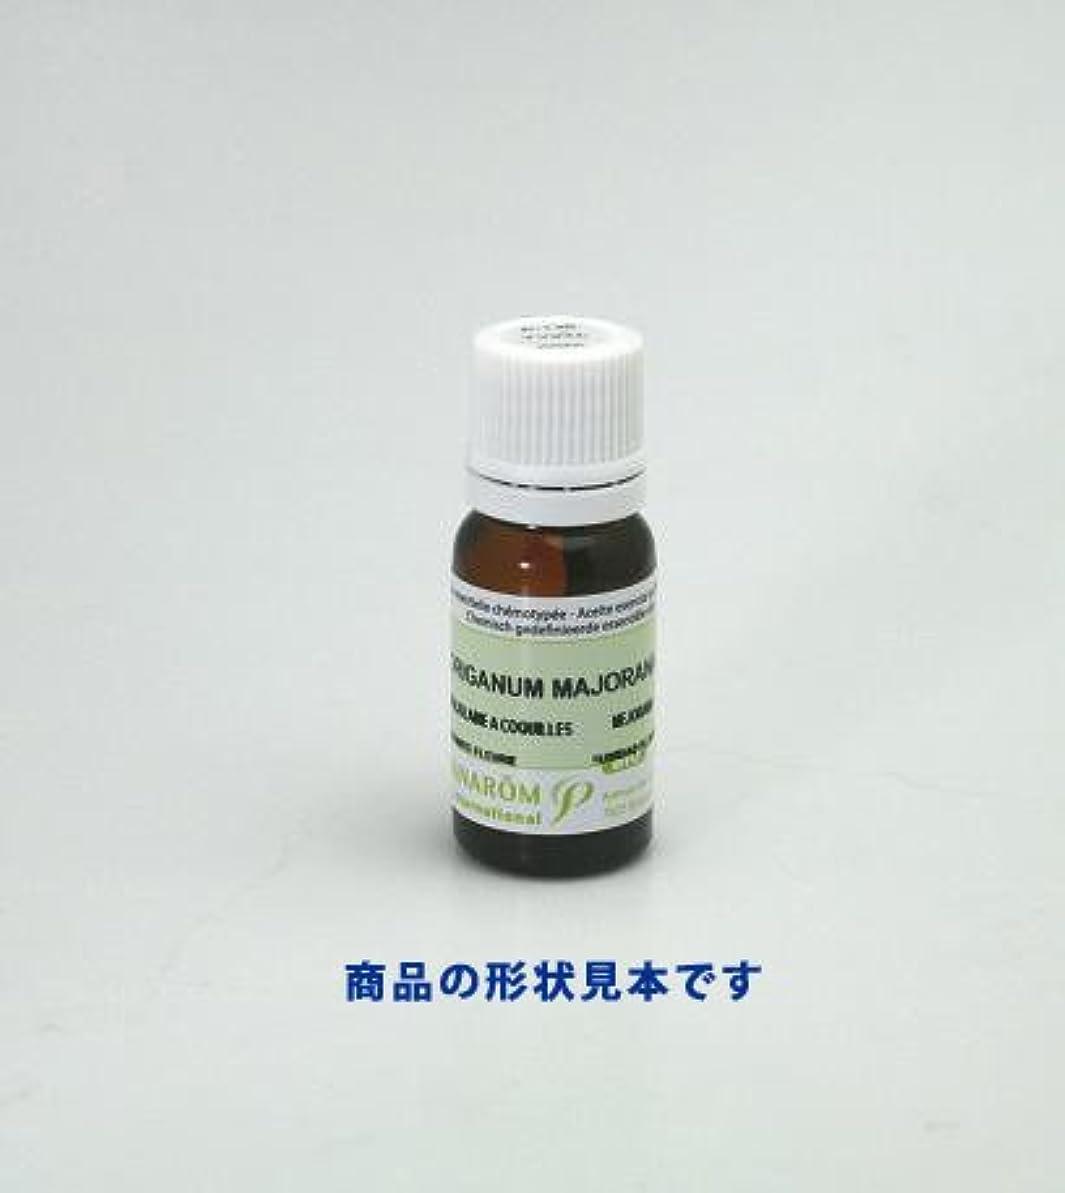 カーテンコーン協同プラナロム社製精油:P-109 ティートゥリー(ティートリー)